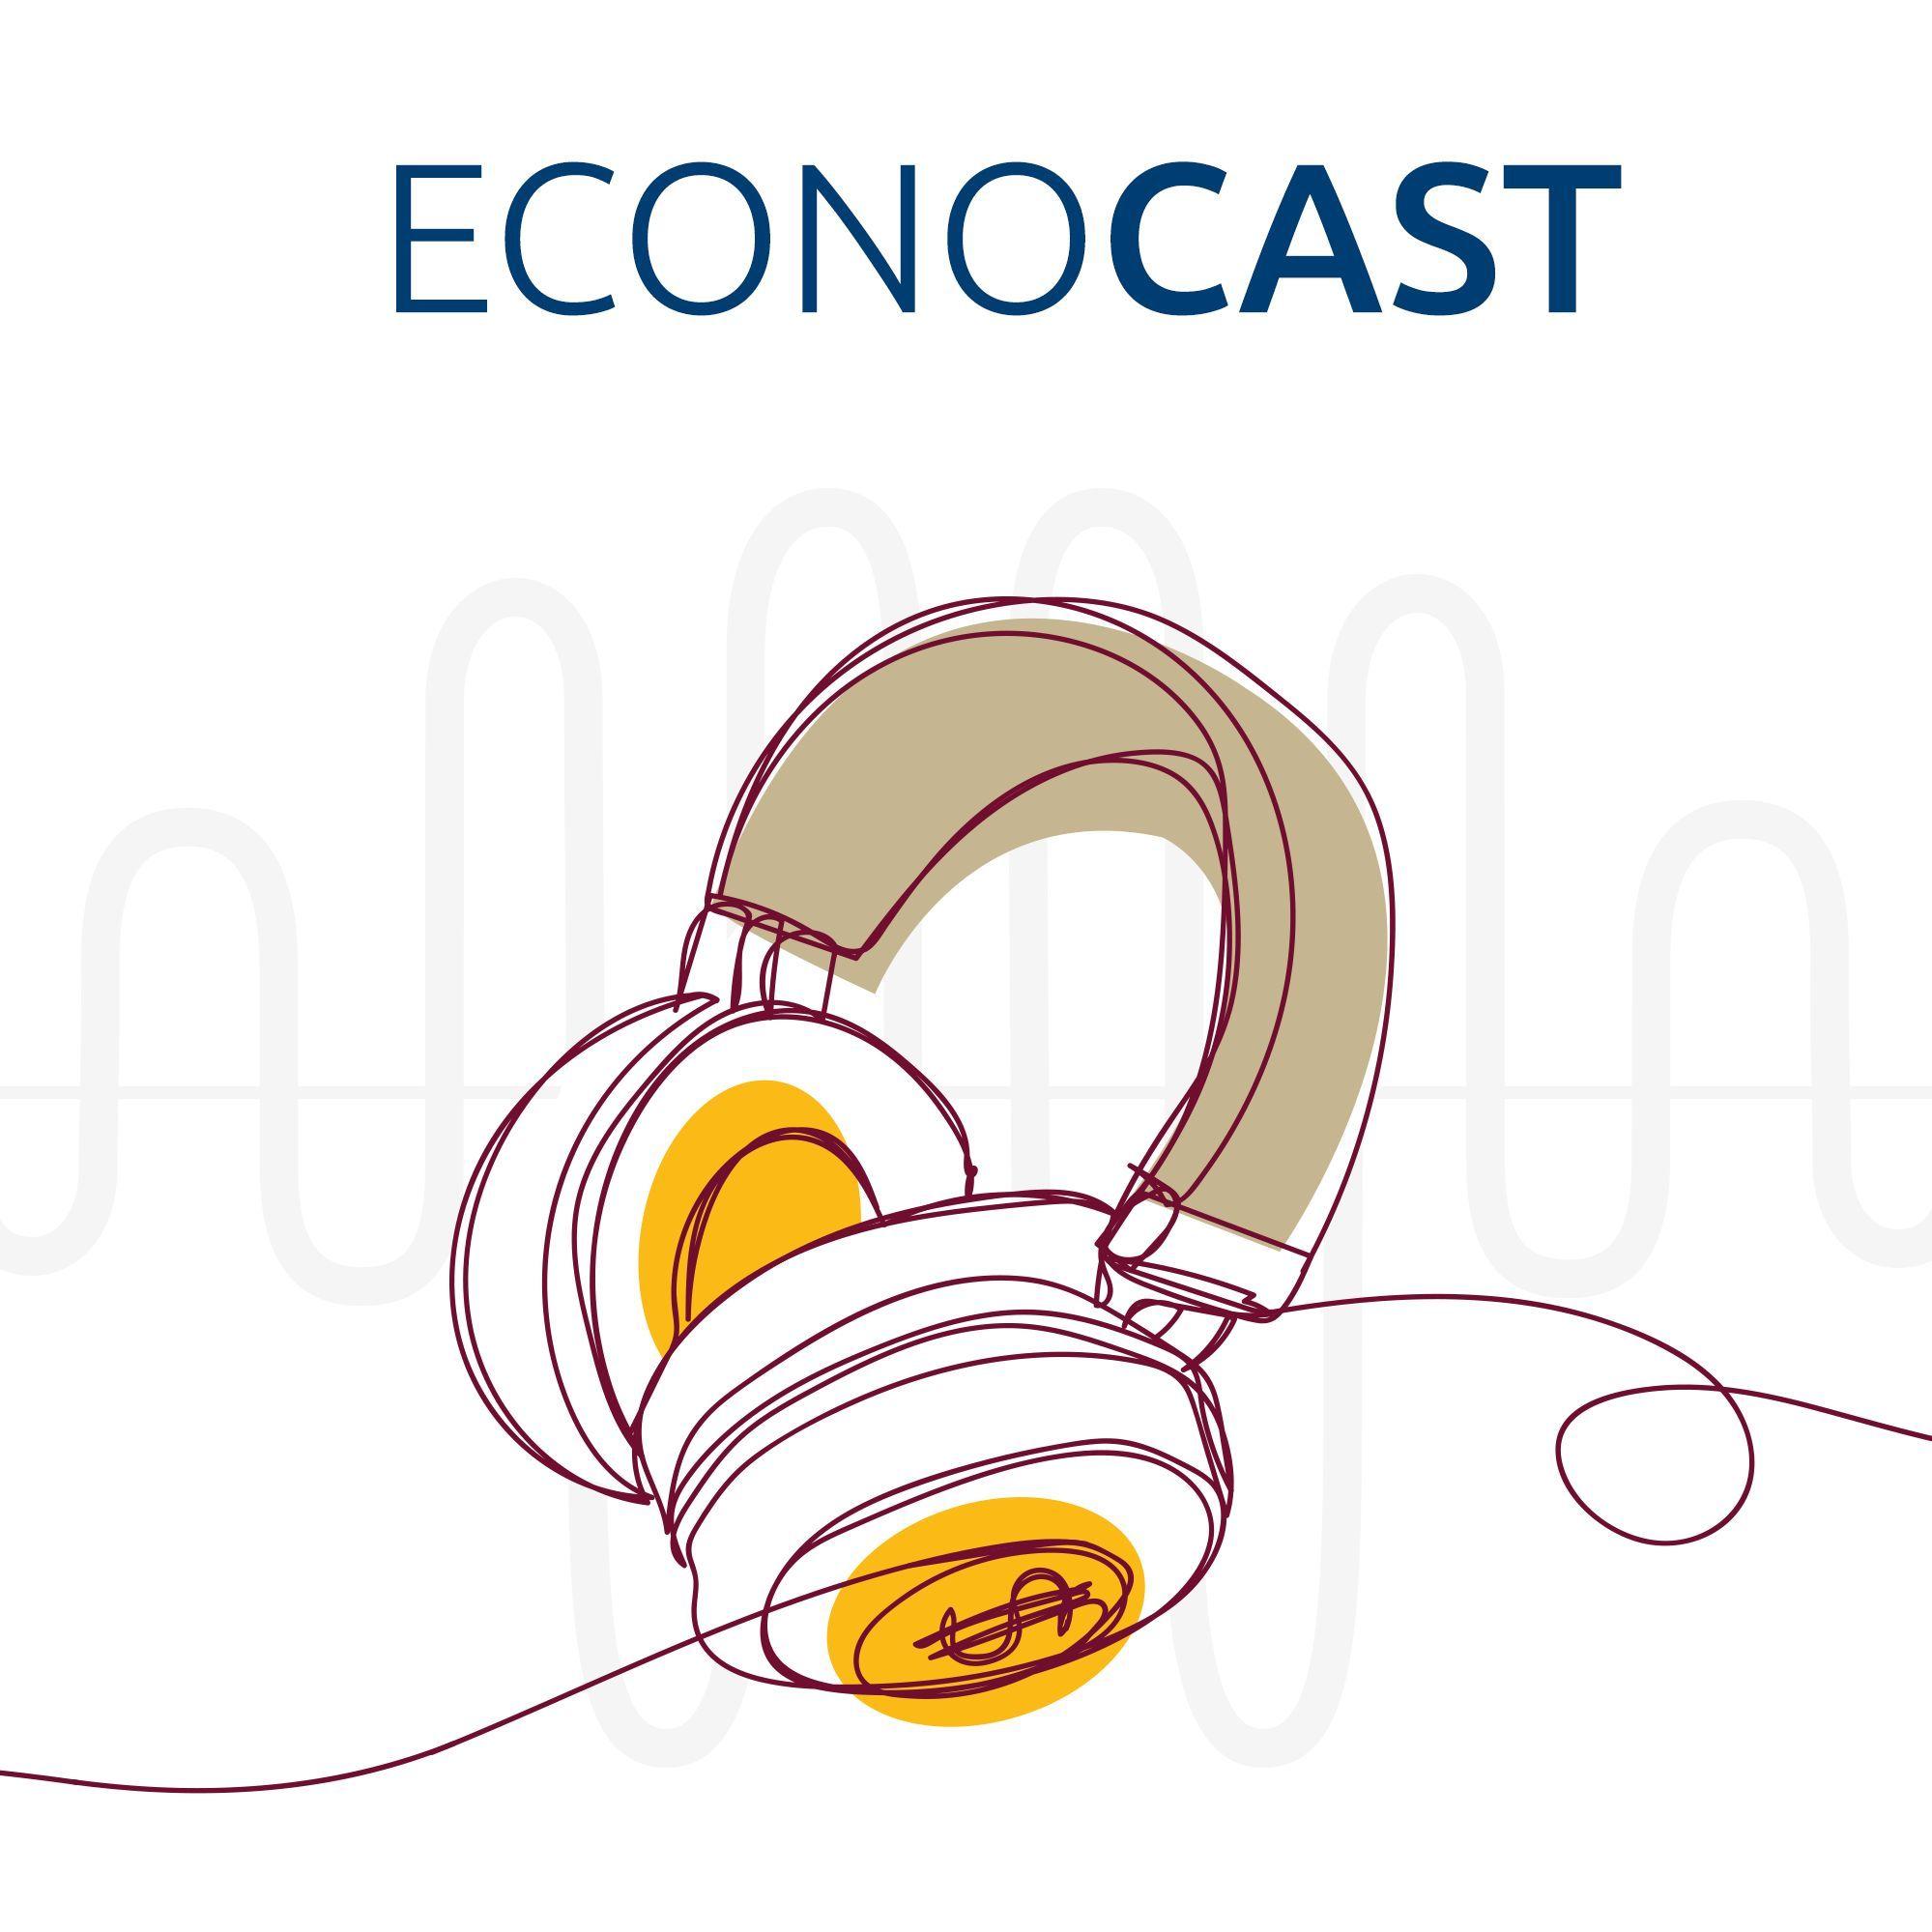 Econocast - EP 02